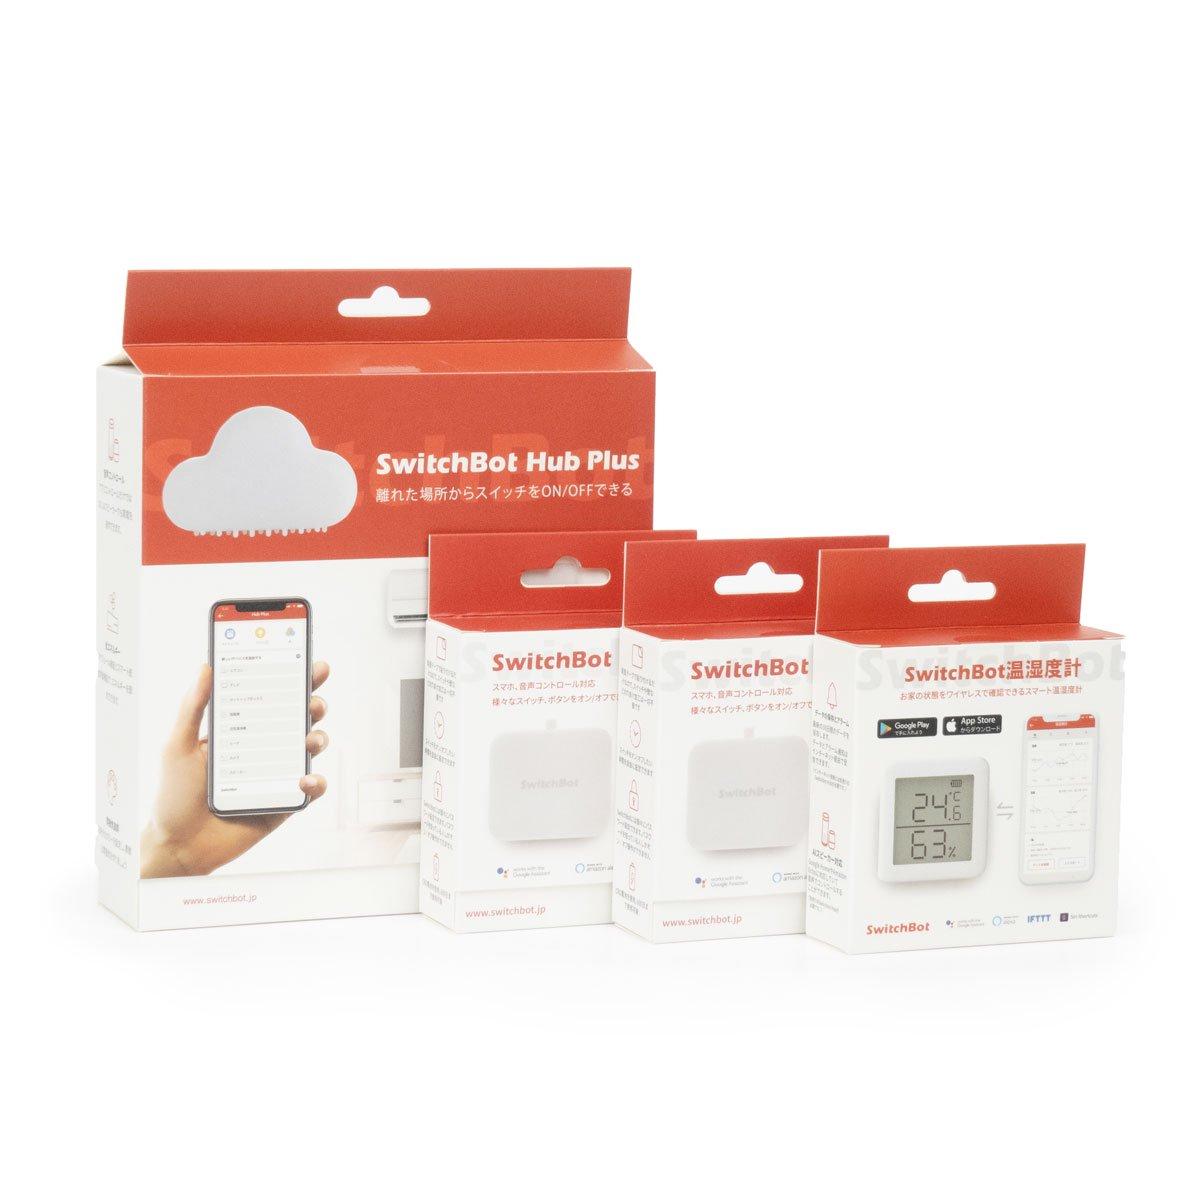 【お買い得セット】Switchbot 2個+ Switchbot Hub Plus + Switchbot温湿度(Meter)